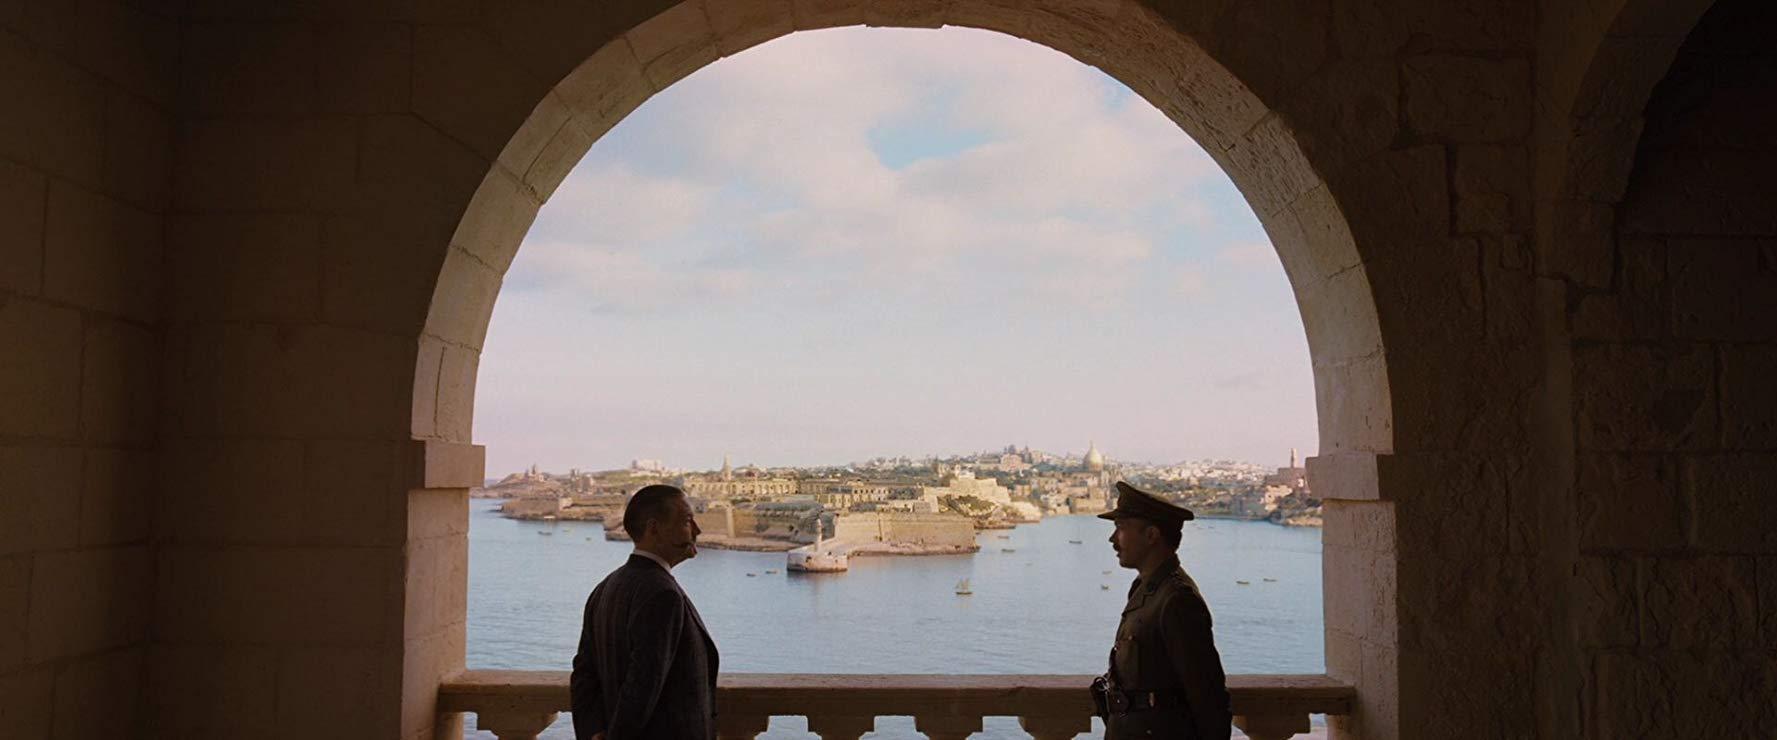 مشاهدة فيلم Murder on the Orient Express 2017 HD مترجم كامل اون لاين